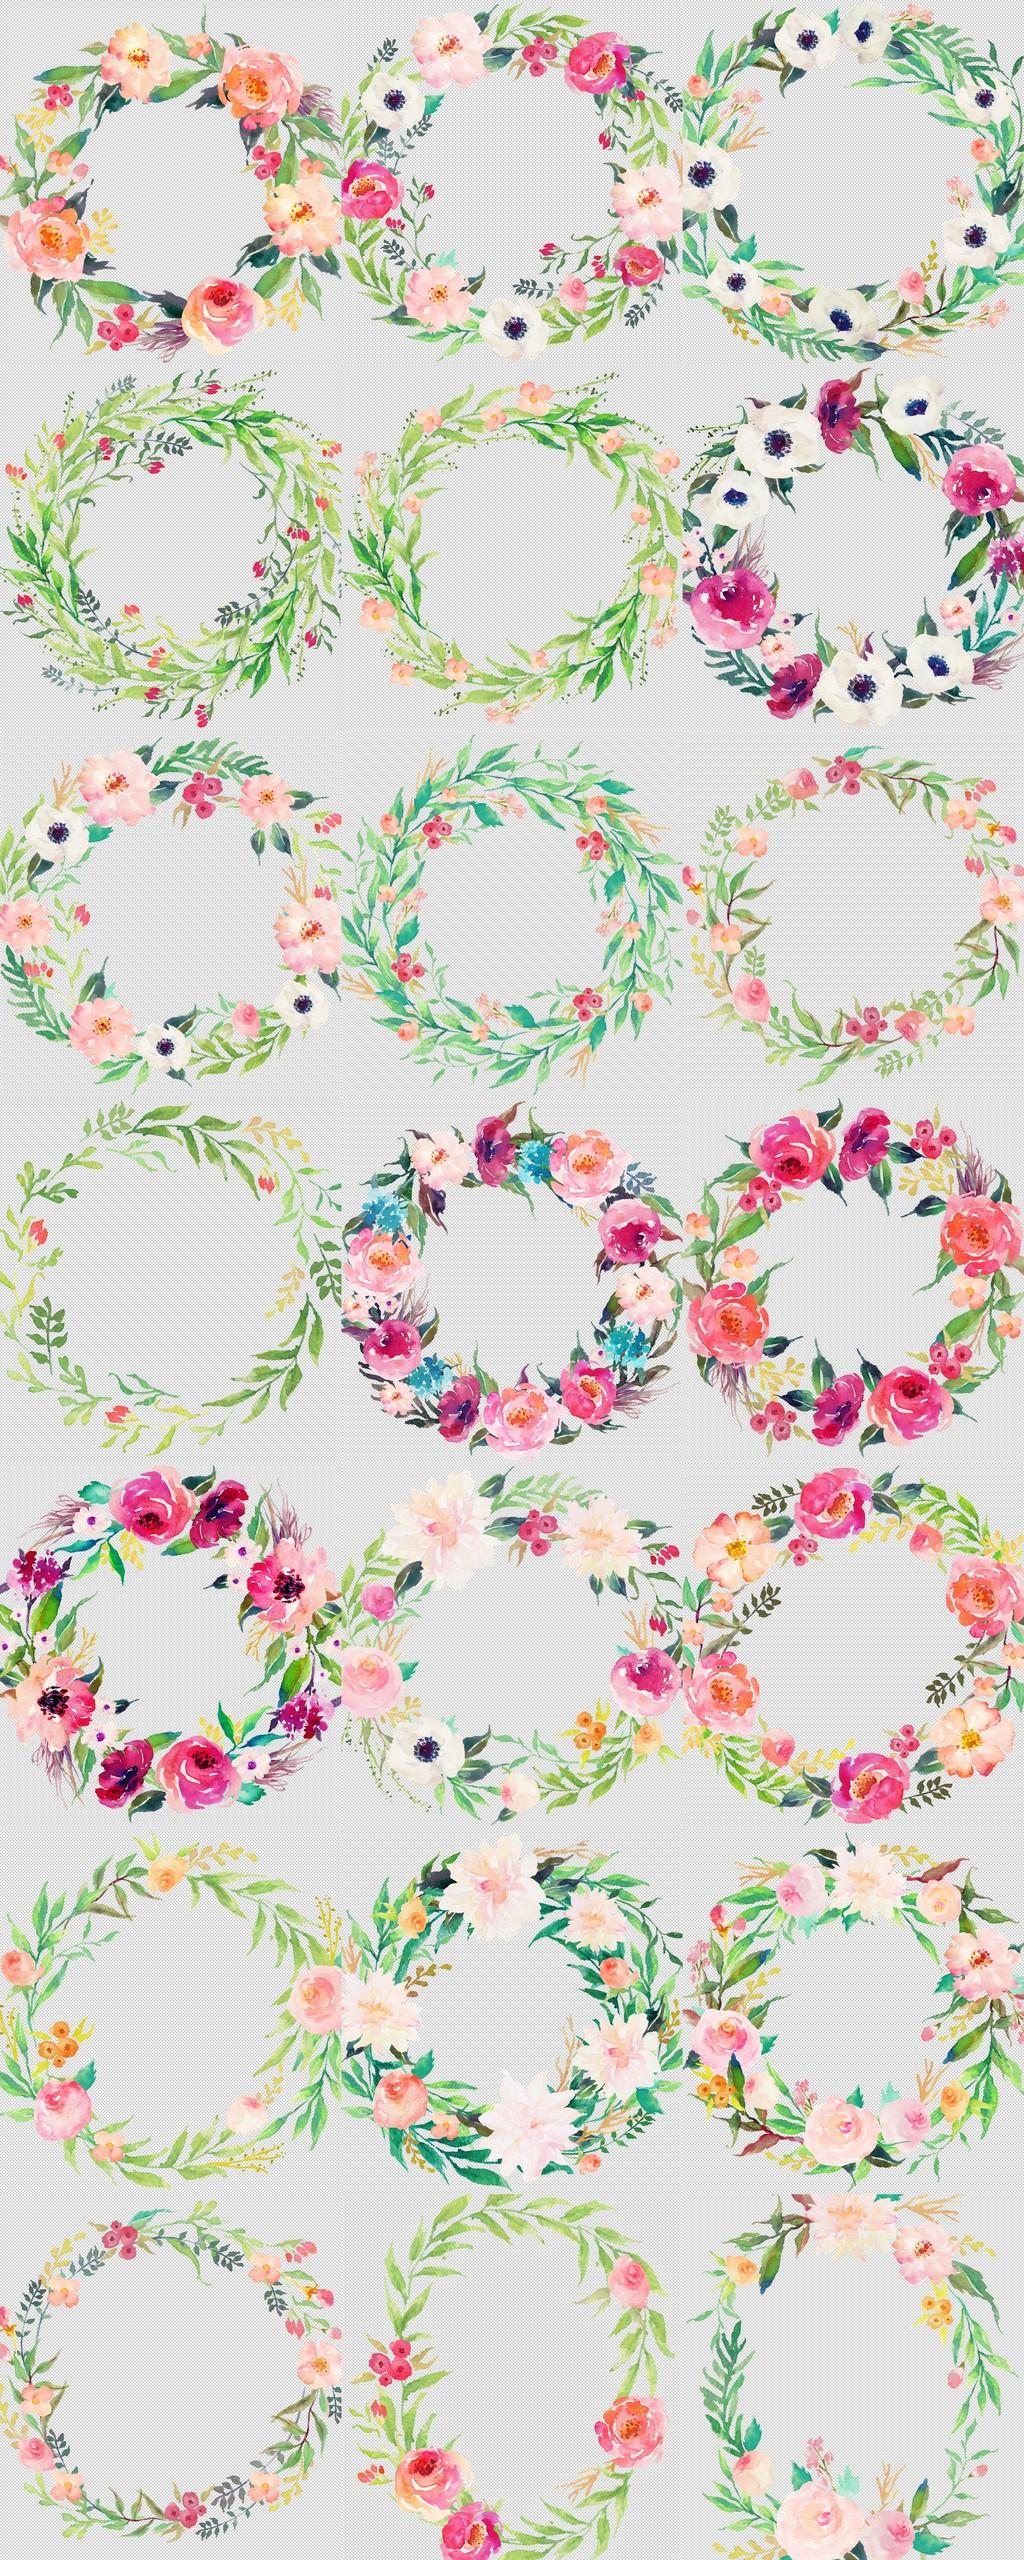 森系花草树叶手绘花朵花卉花环透